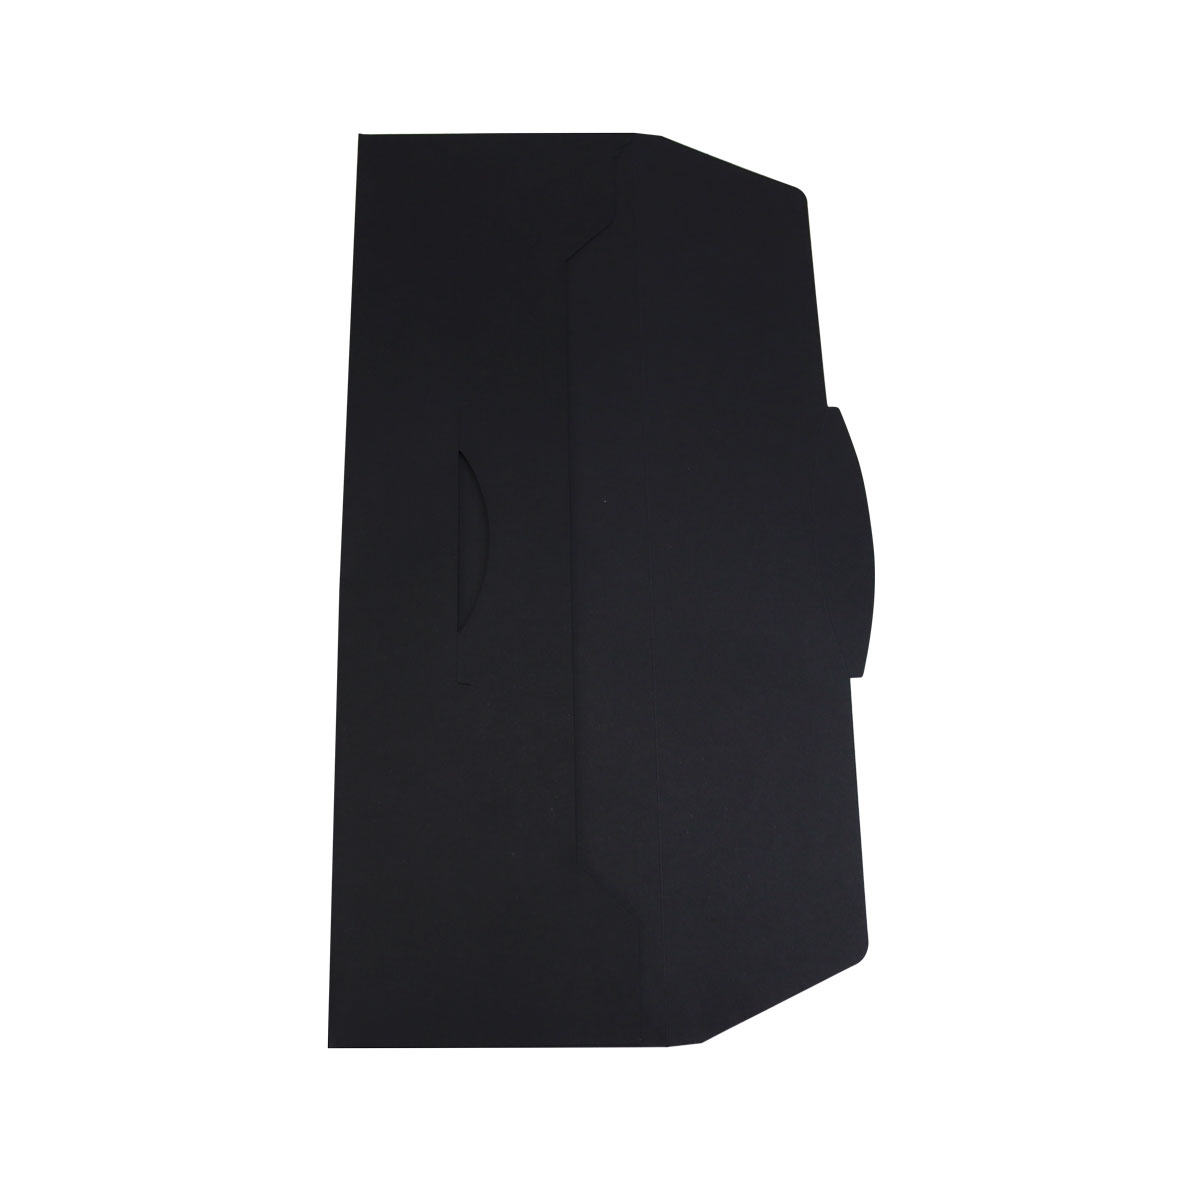 stropdasenvelop-product